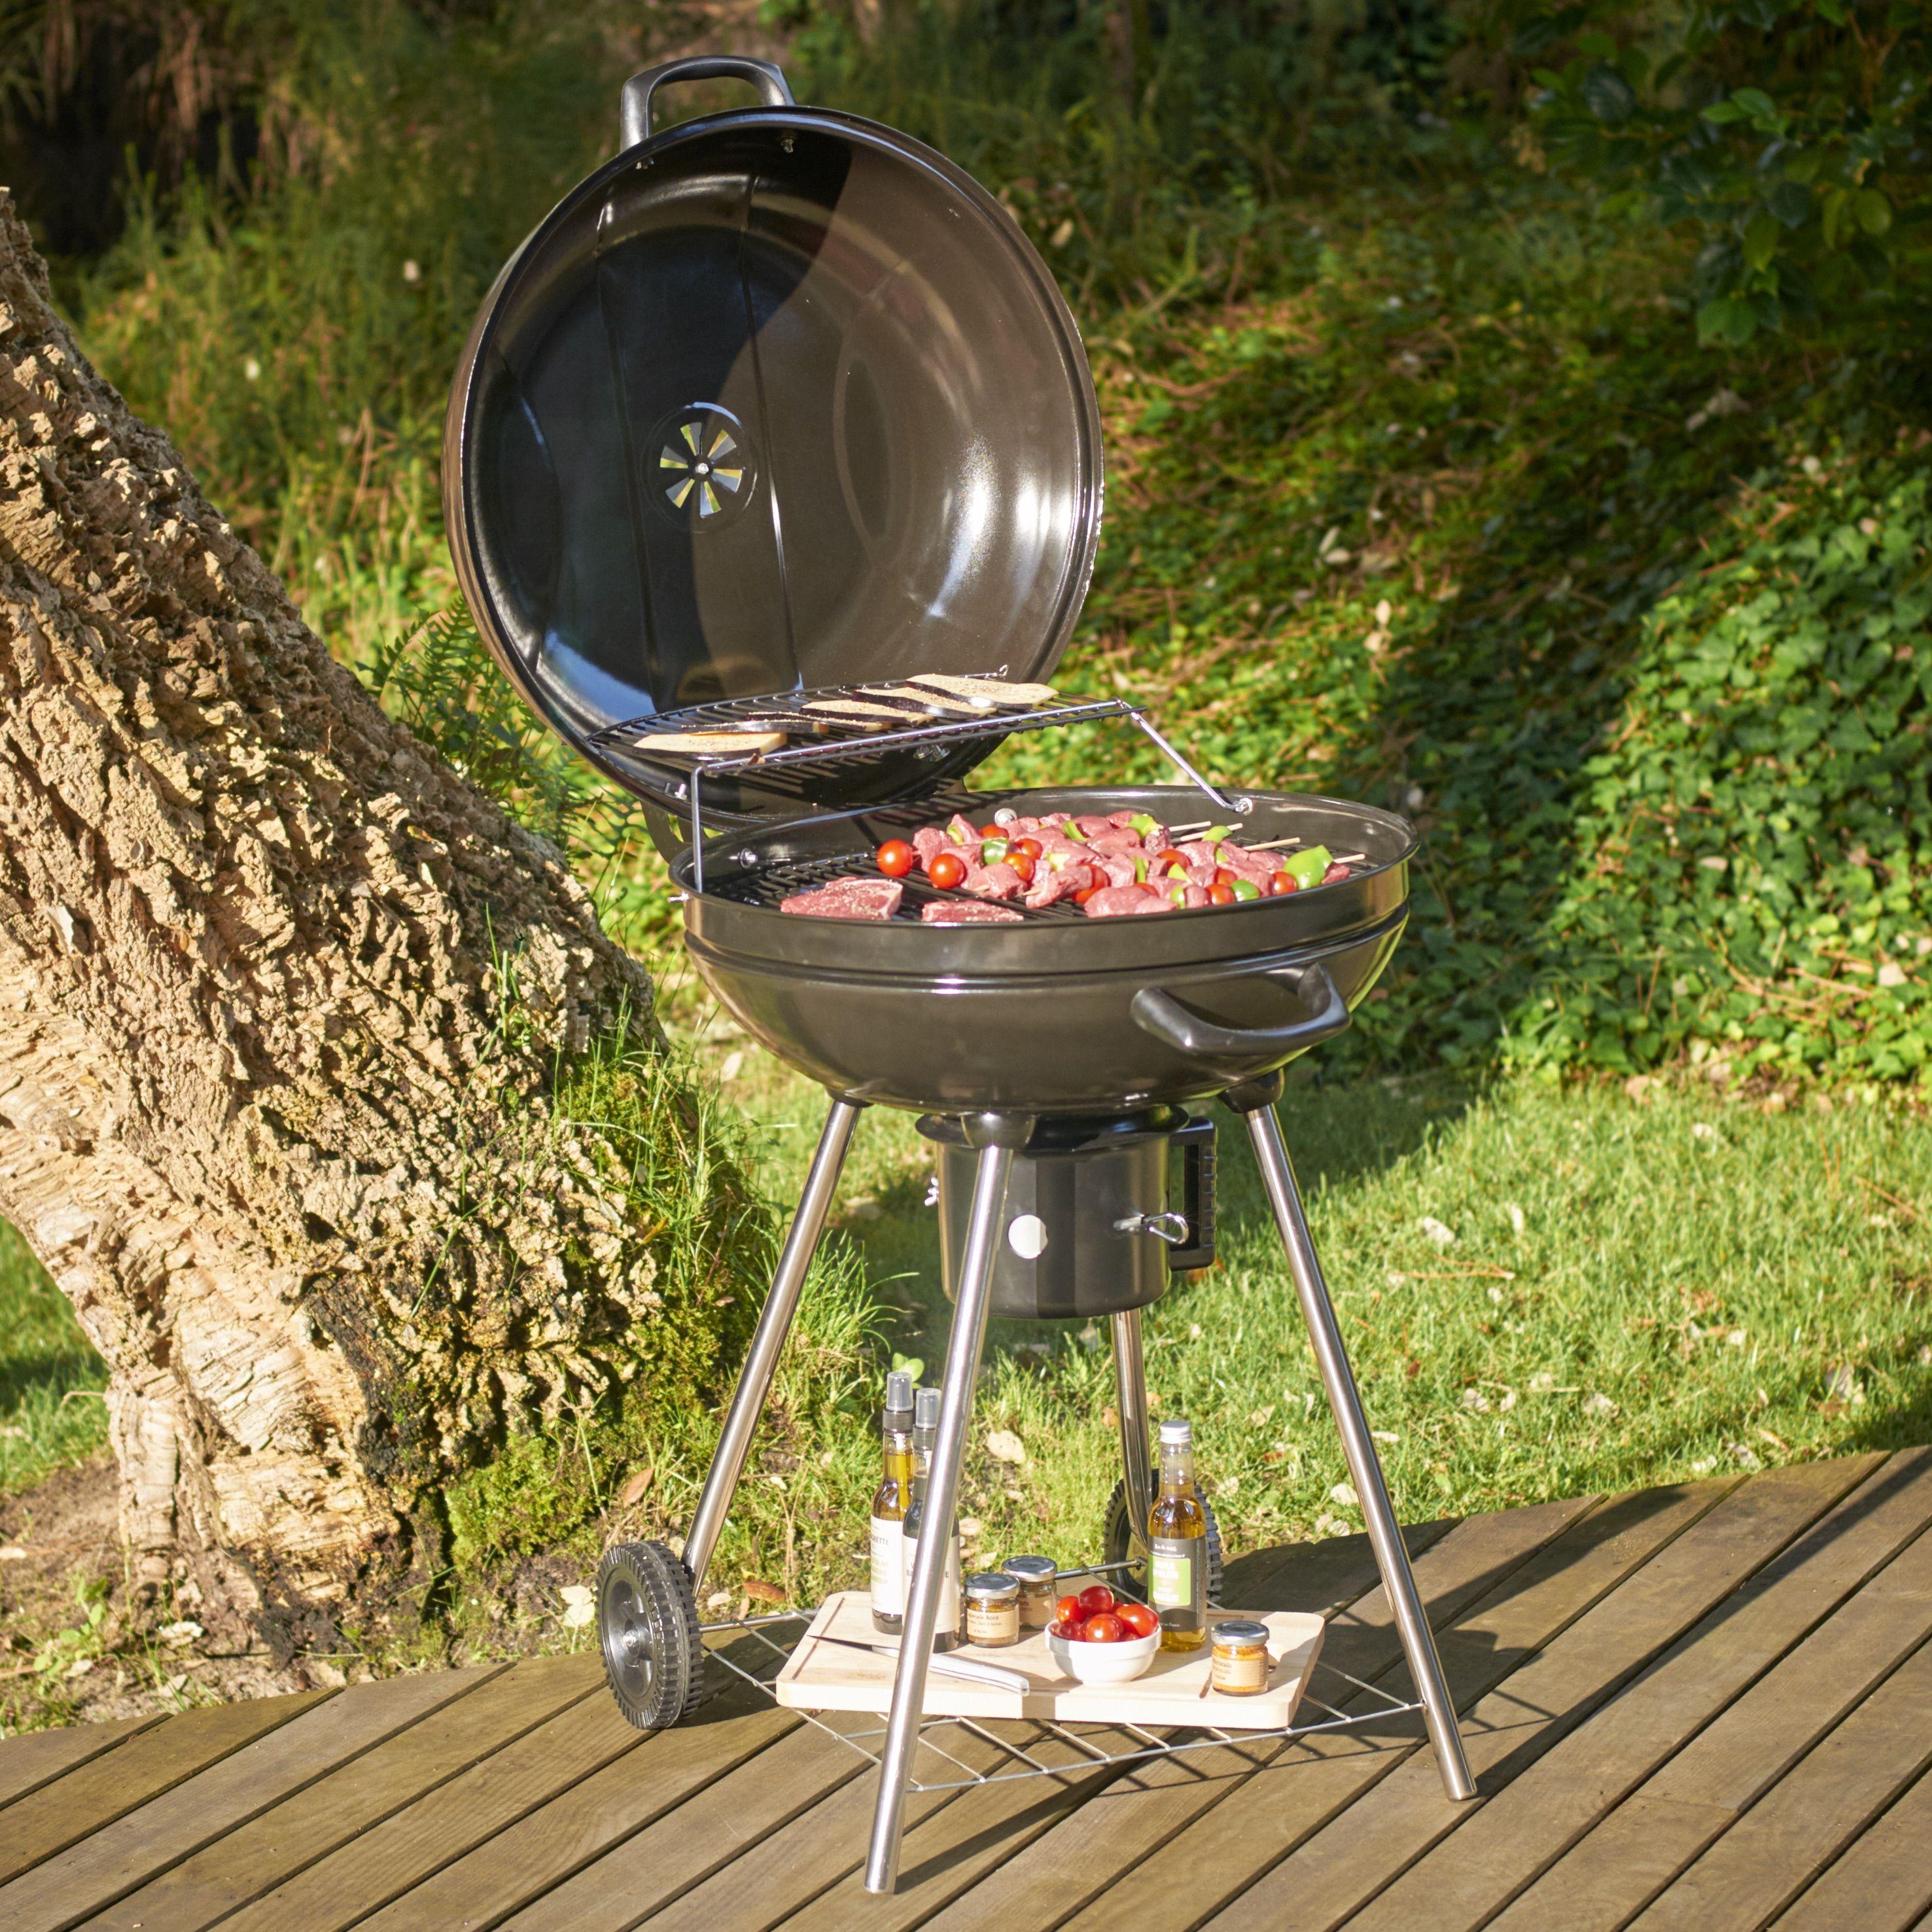 Barbecue A Charbon A Roulettes Fisher Barbecue Et Plancha Mobilier De Jardin Jardin Et Plein Air Gifi Barbecue A Charbon Mobilier Jardin Barbecue